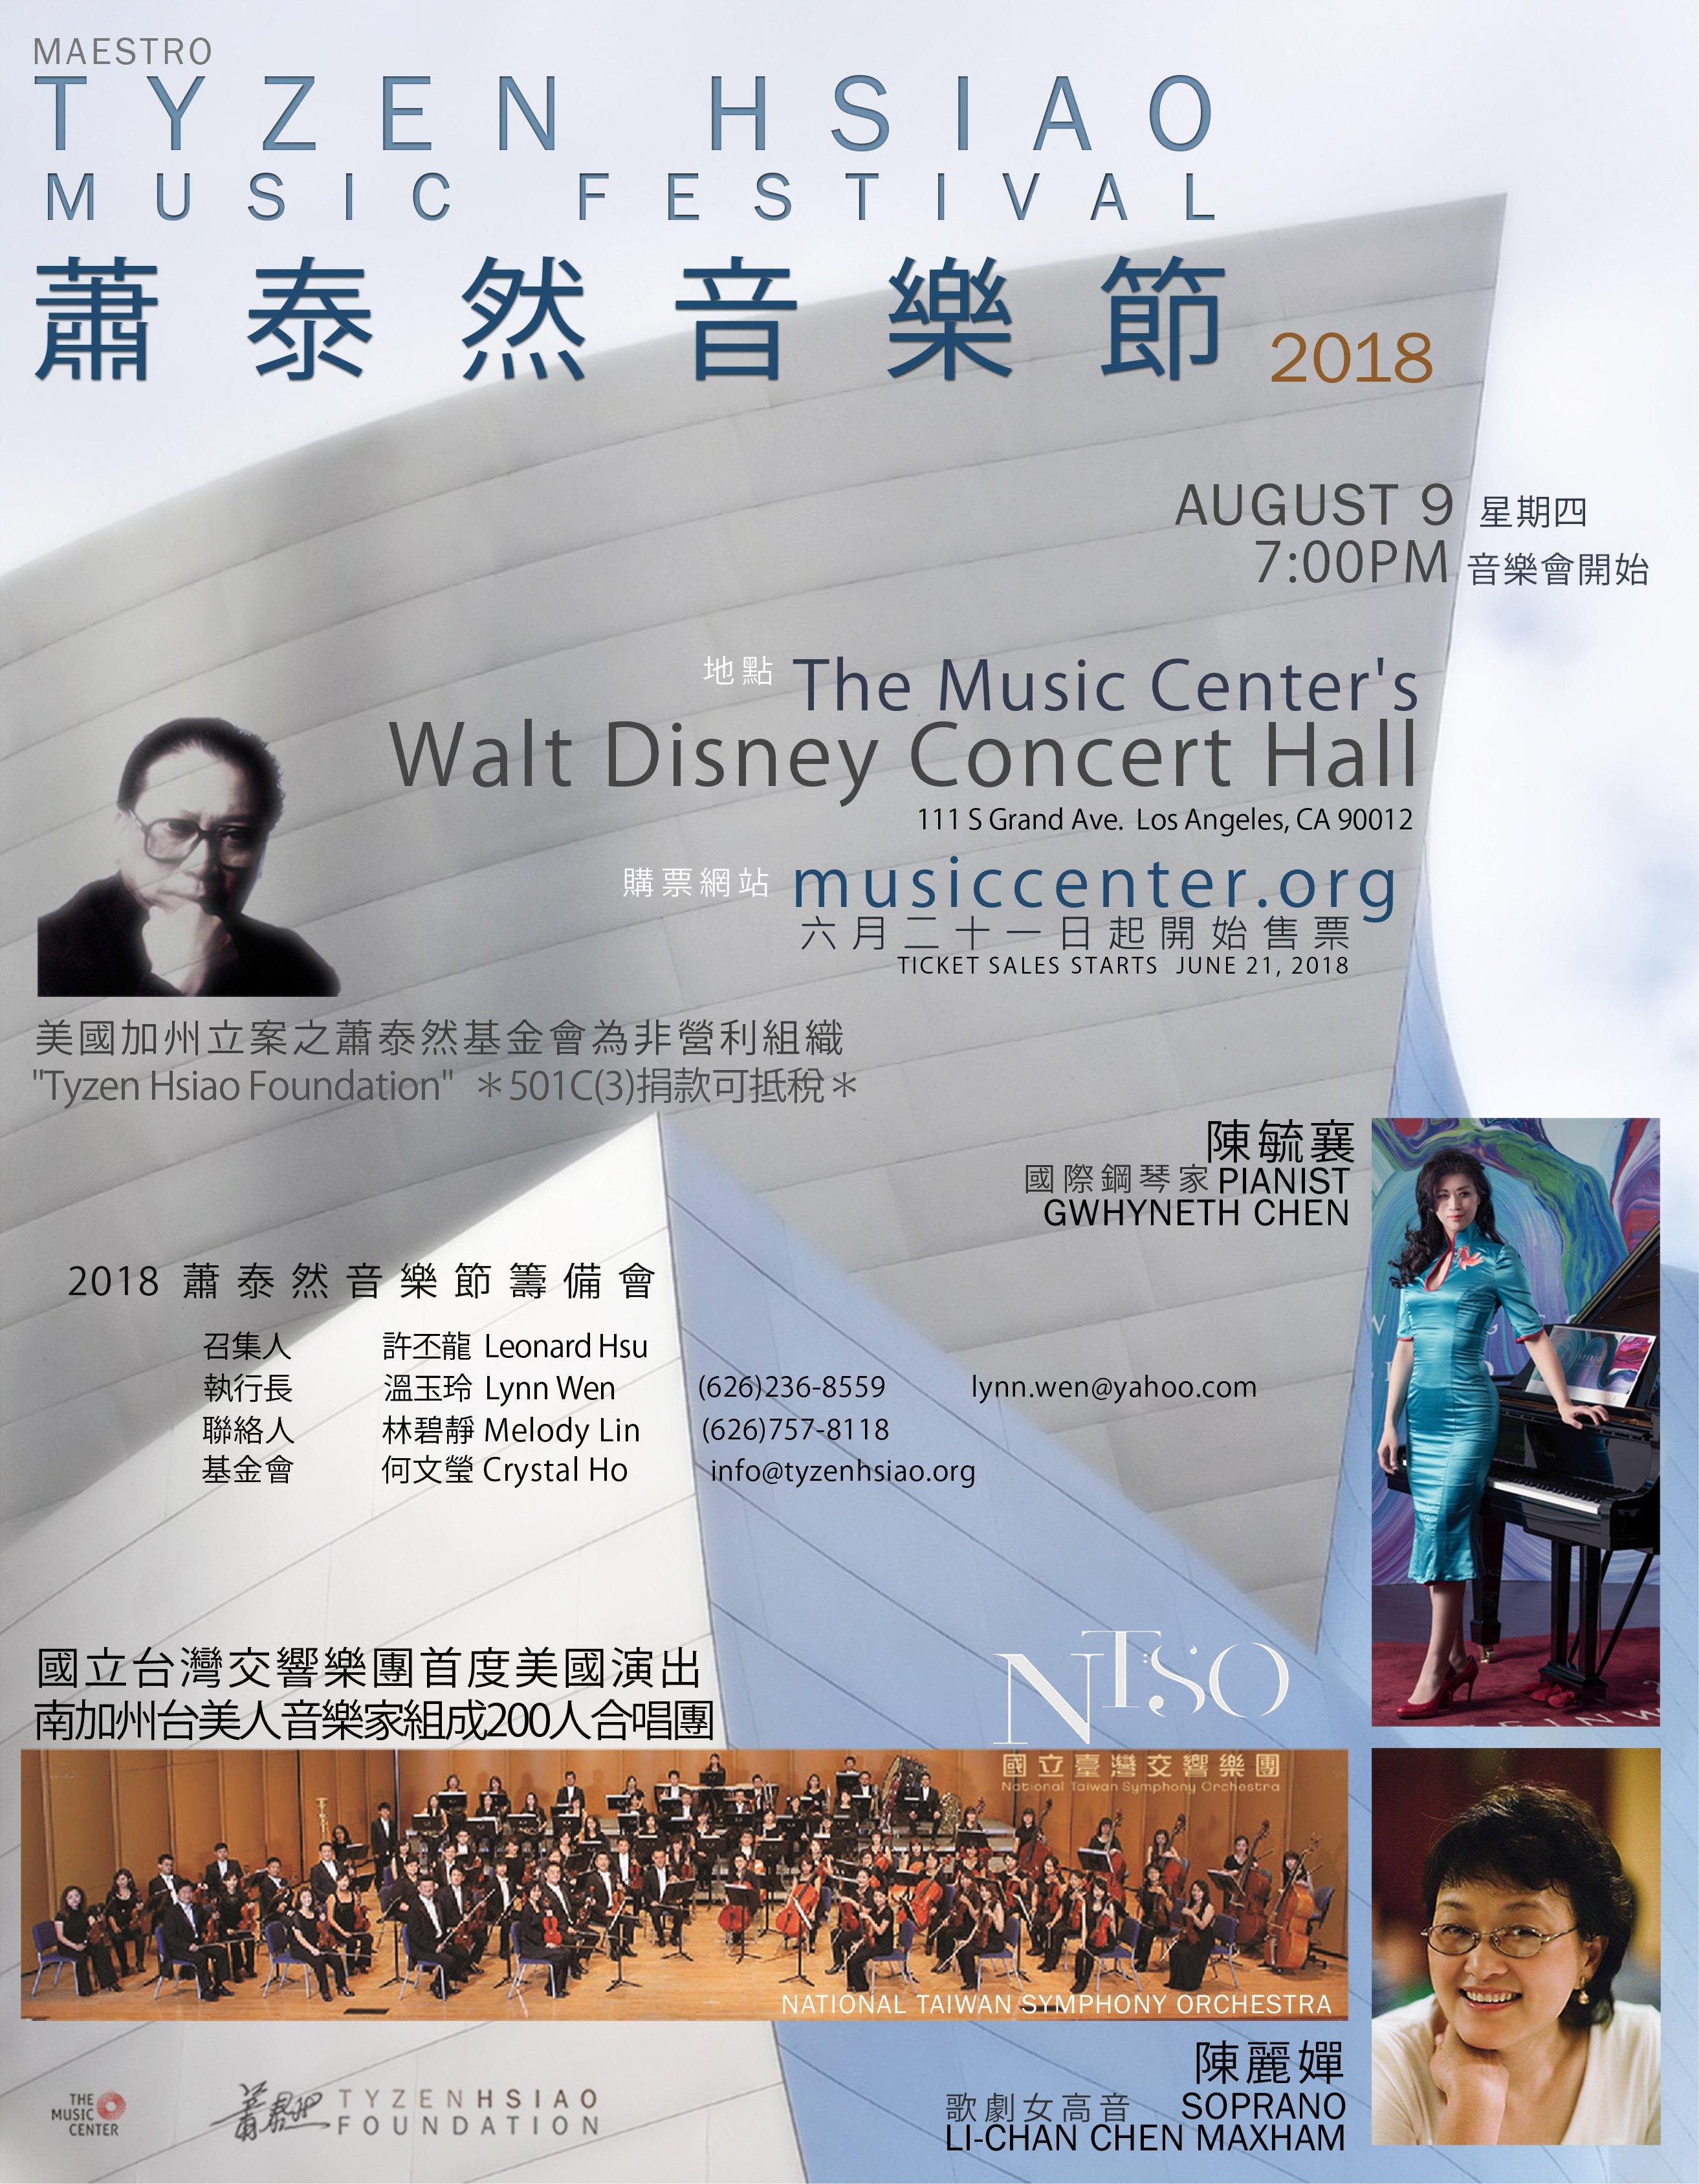 2018蕭泰然音樂節